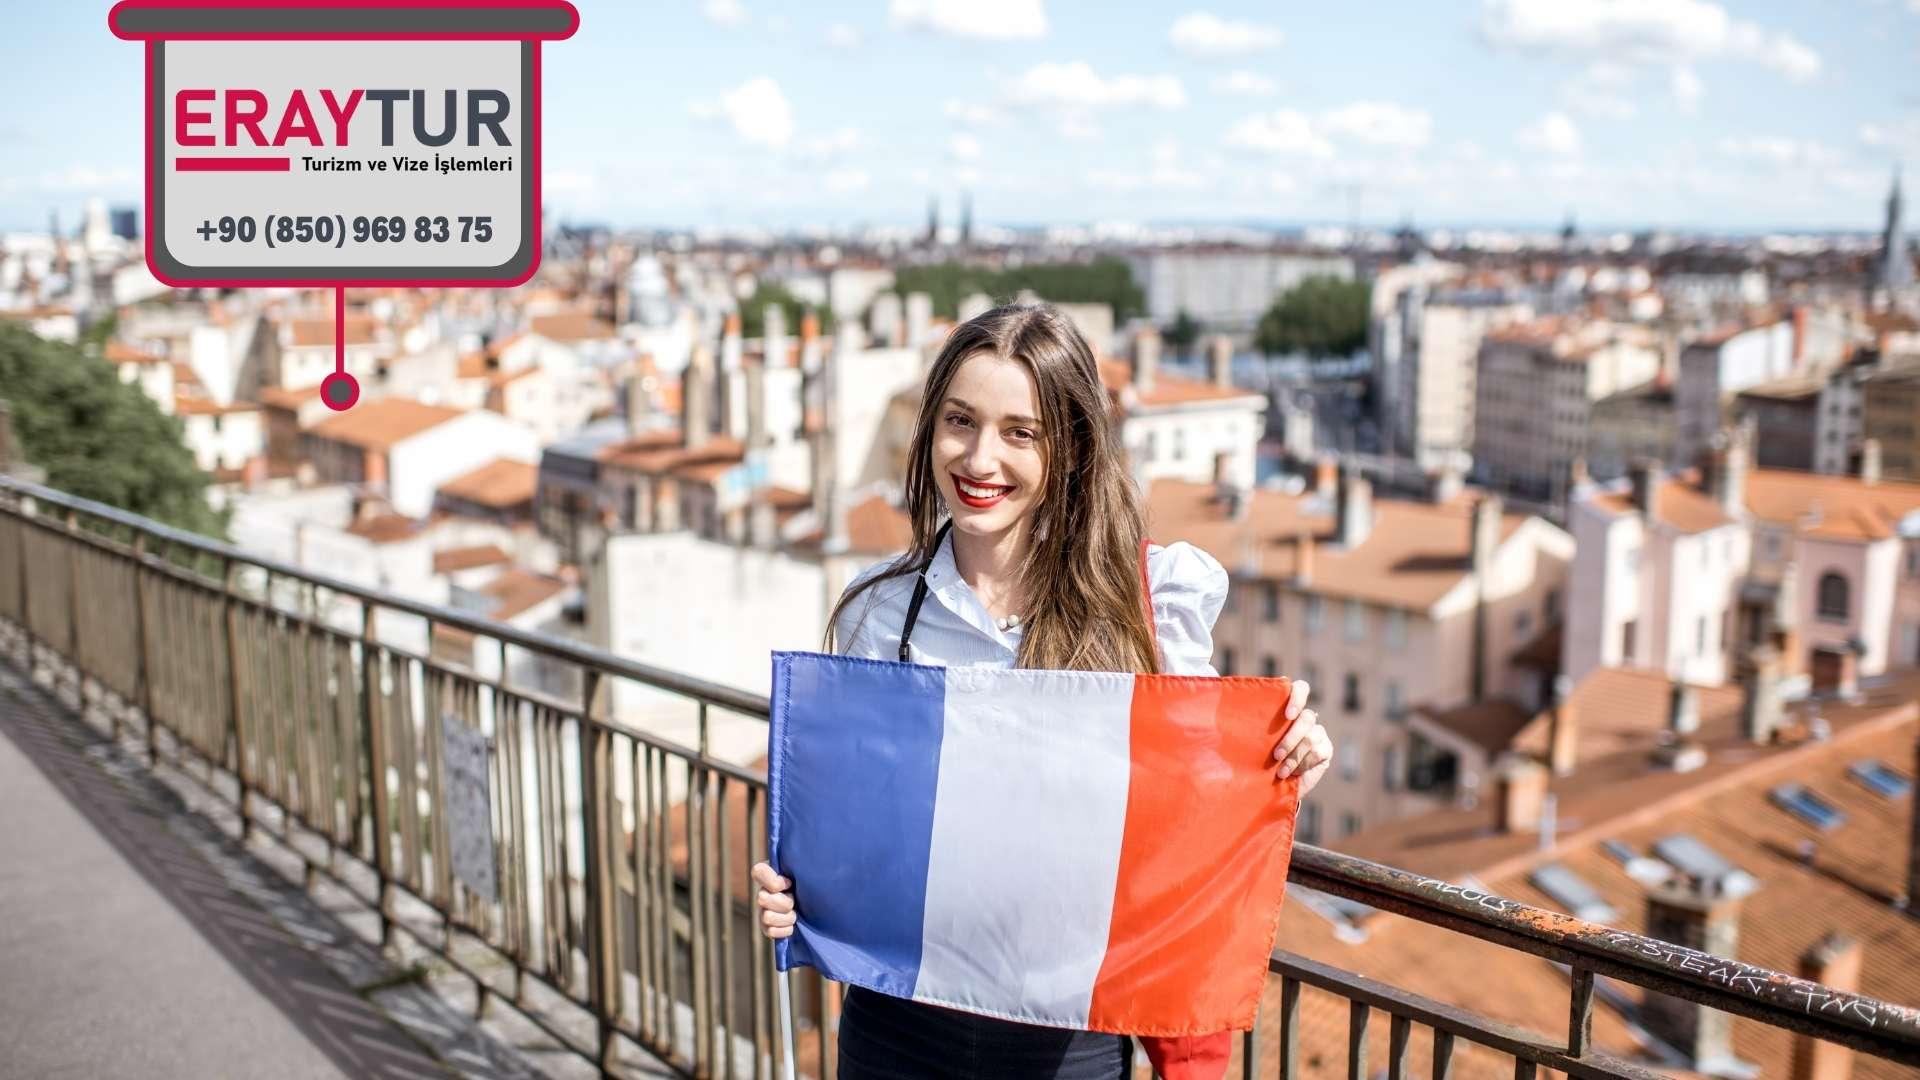 Fransa Vizesi İçin Ortak Hazırlanacak Belgelere Ek Olarak